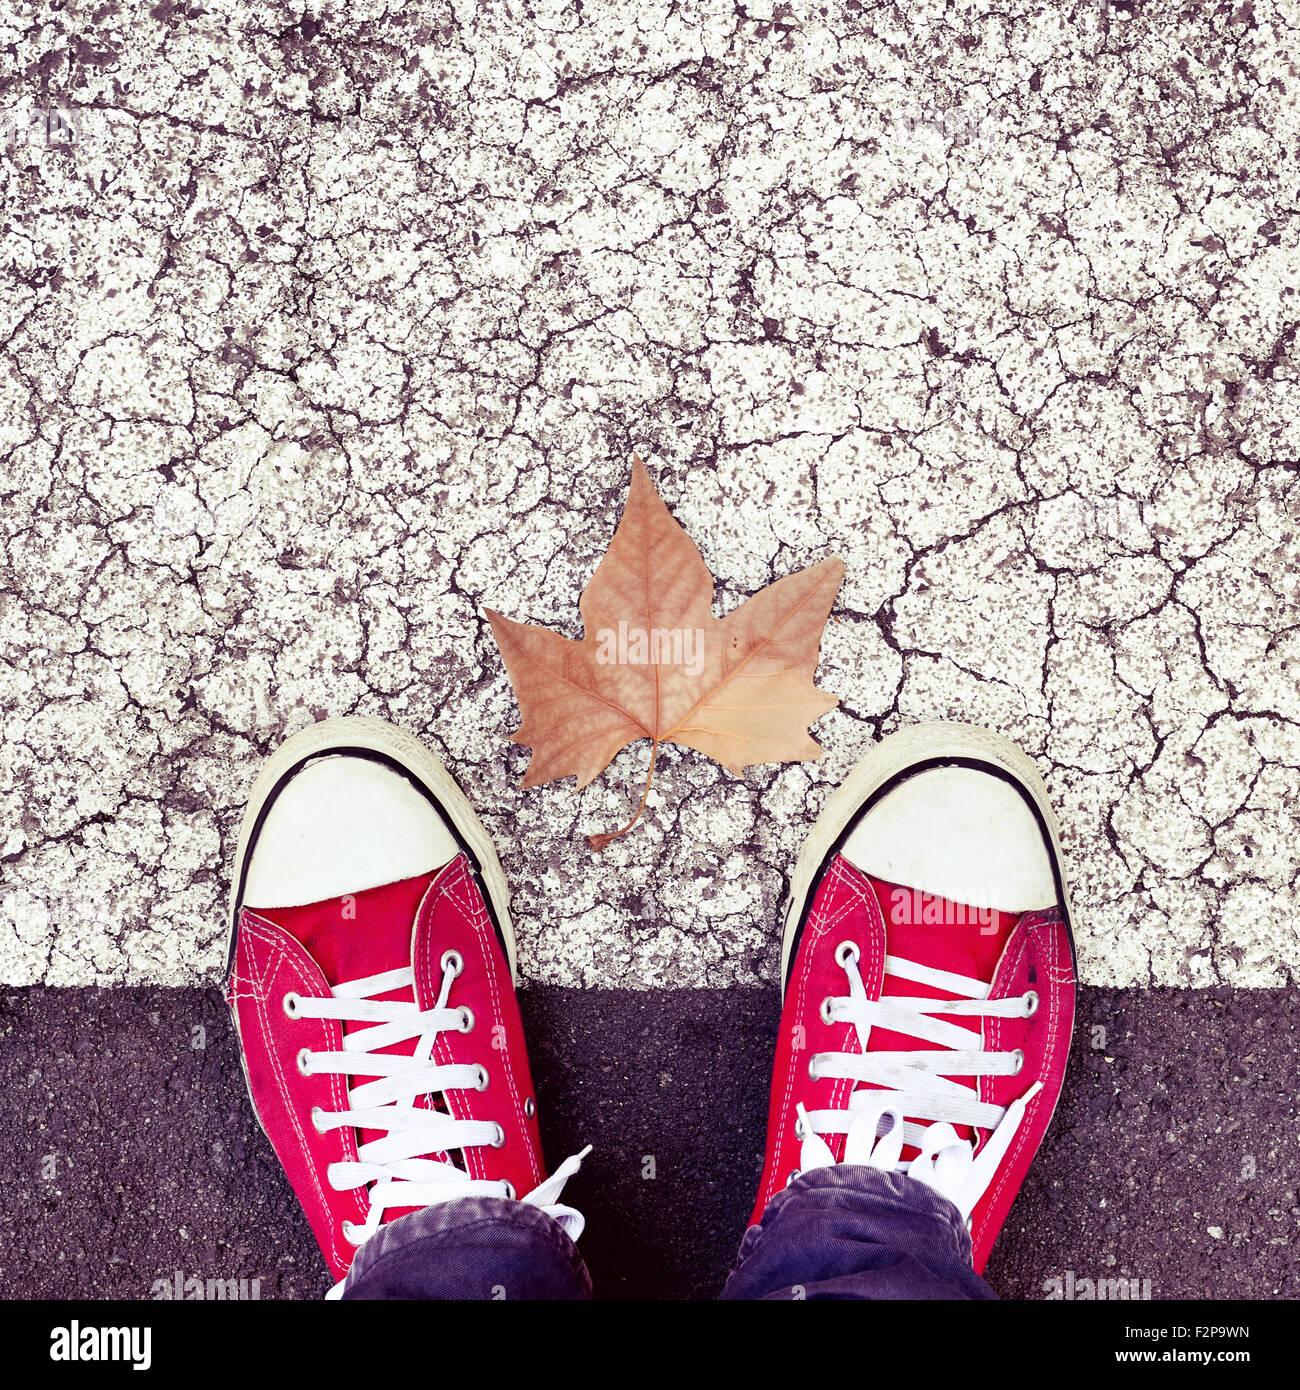 Capture d'un grand angle d'une feuille sèche et les pieds d'un homme portant des chaussures rouges sur l'asphalte Banque D'Images